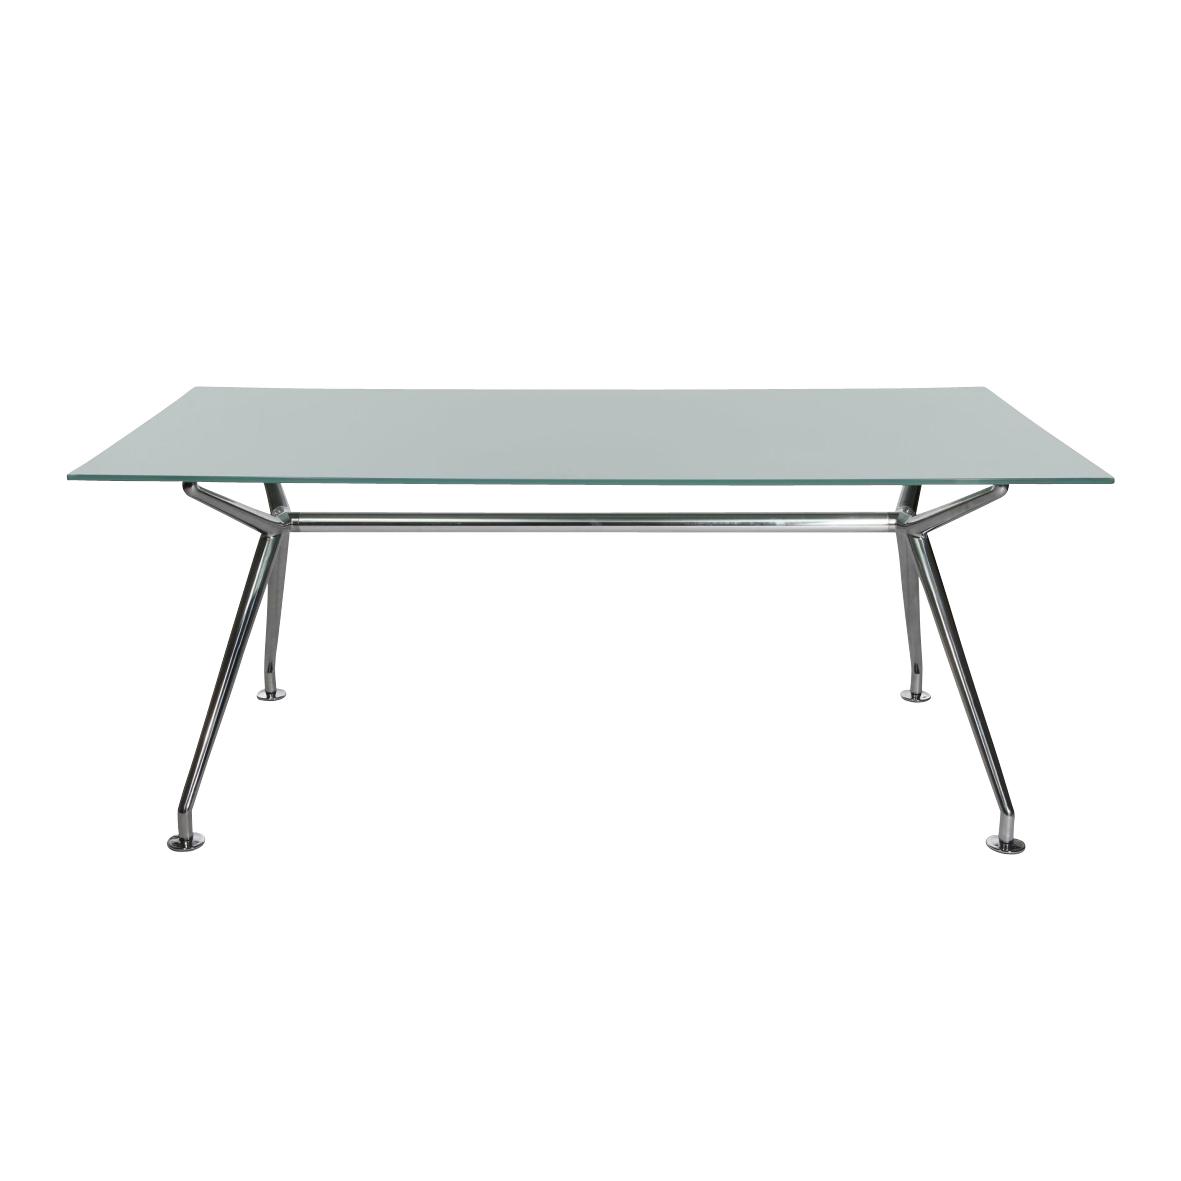 Wagner - W-Table rectangulaire - Table de conférence - verre dépoli/classic/structure aluminium poli/LxPxH 220x110x73cm